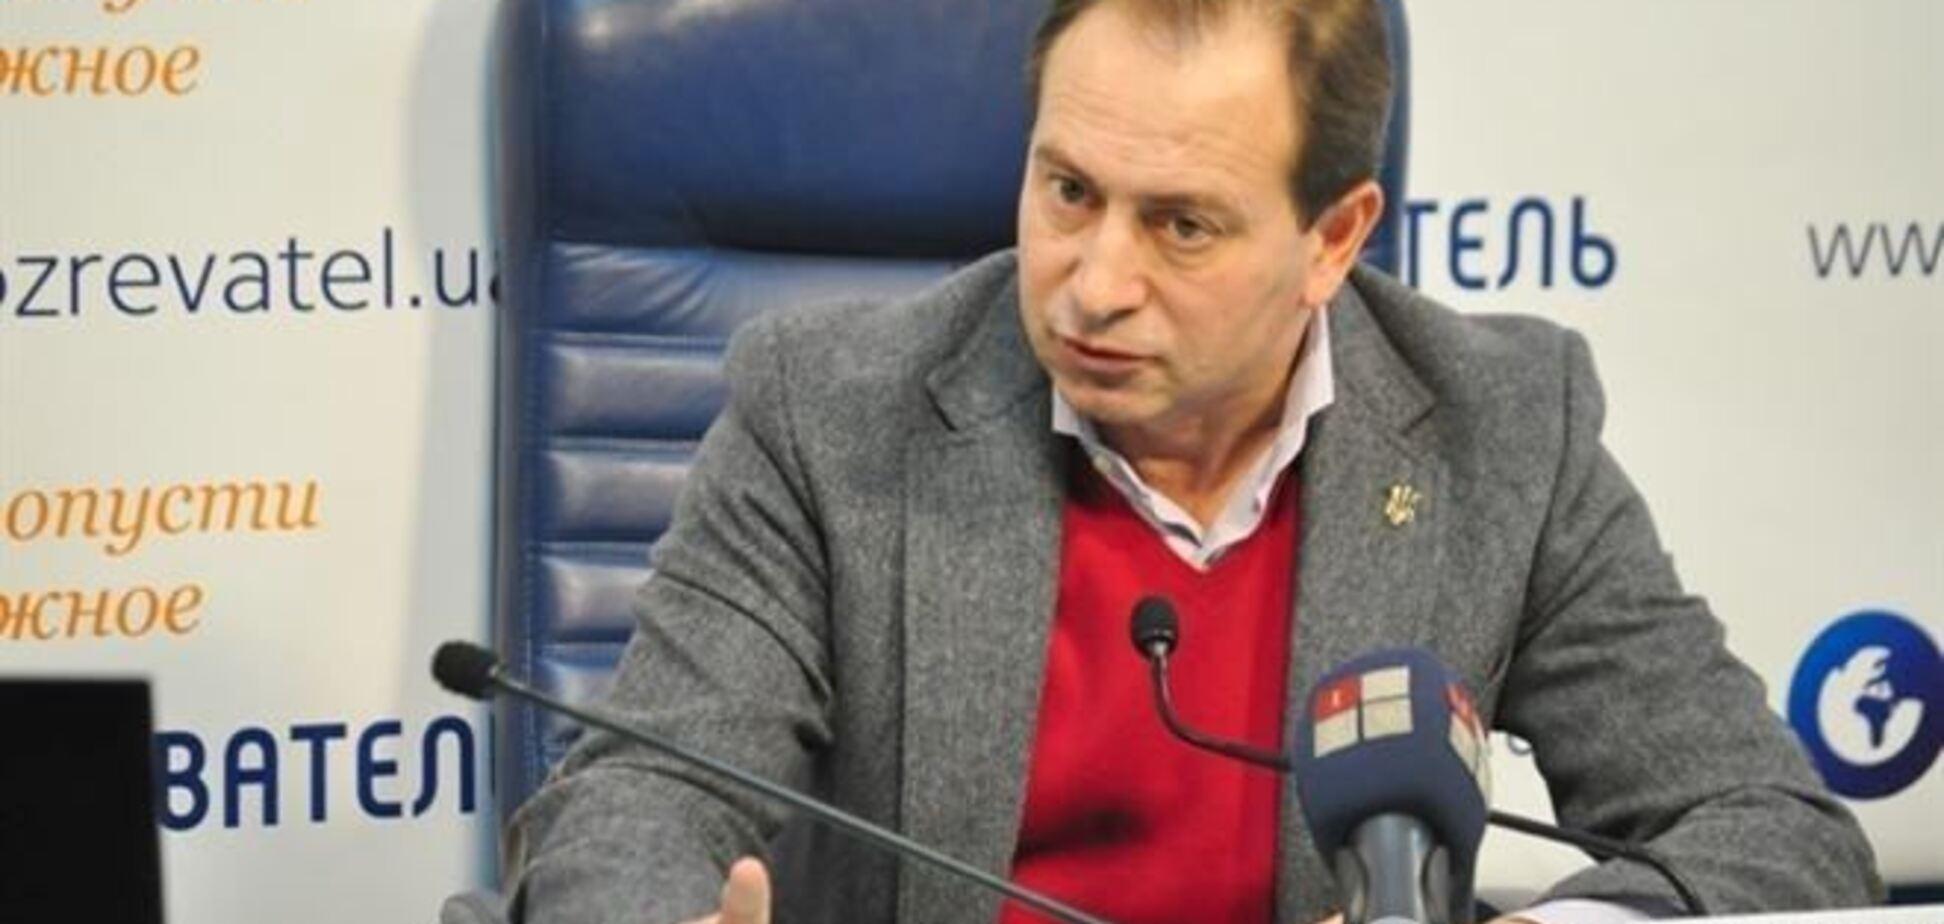 Поки у нас будуть ОДА, нічого хорошого в Україні не буде - Томенко